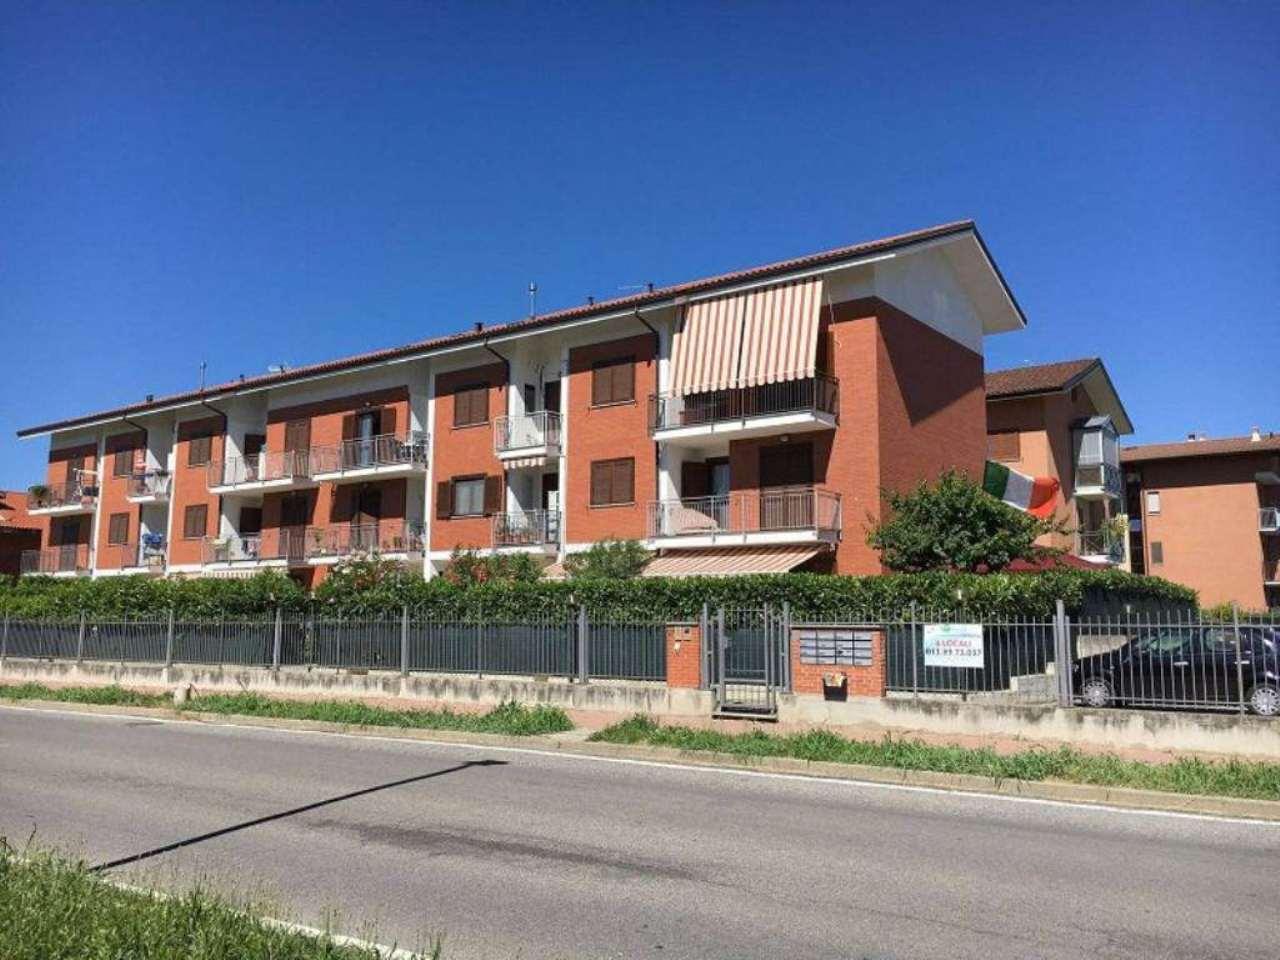 Appartamento in vendita a Leini, 4 locali, prezzo € 189.000 | CambioCasa.it